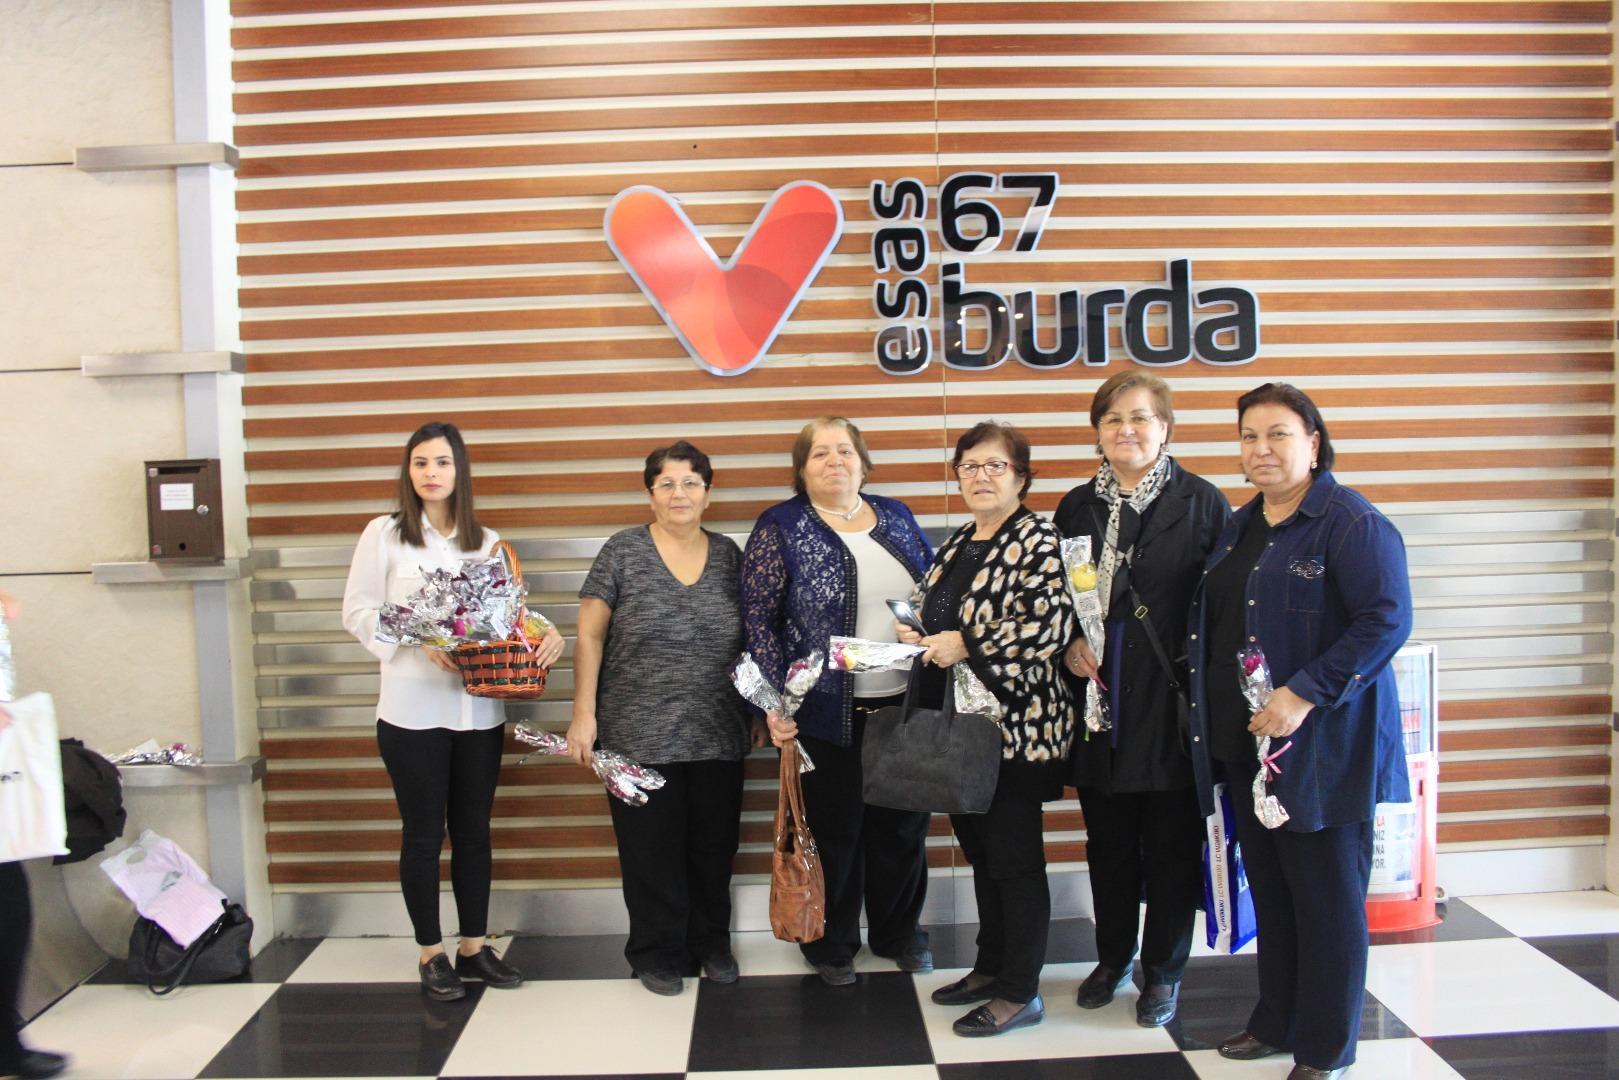 Kadınlar Günü 67 Burda'da sürprizlerle kutlandı